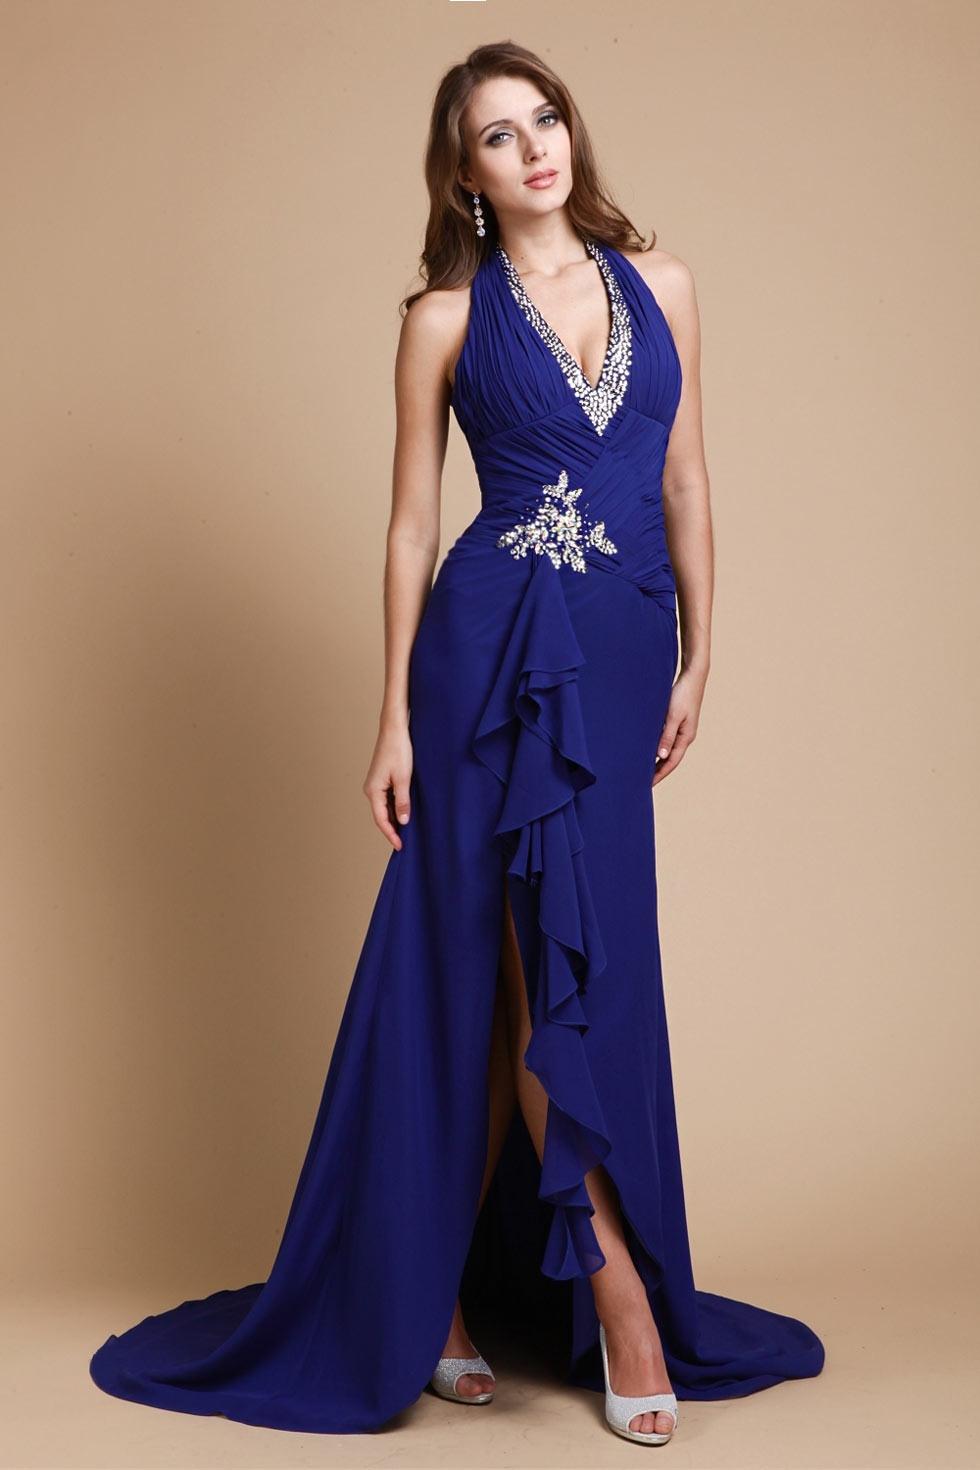 Designer Leicht Dunkelblaues Langes Kleid Boutique15 Coolste Dunkelblaues Langes Kleid Spezialgebiet